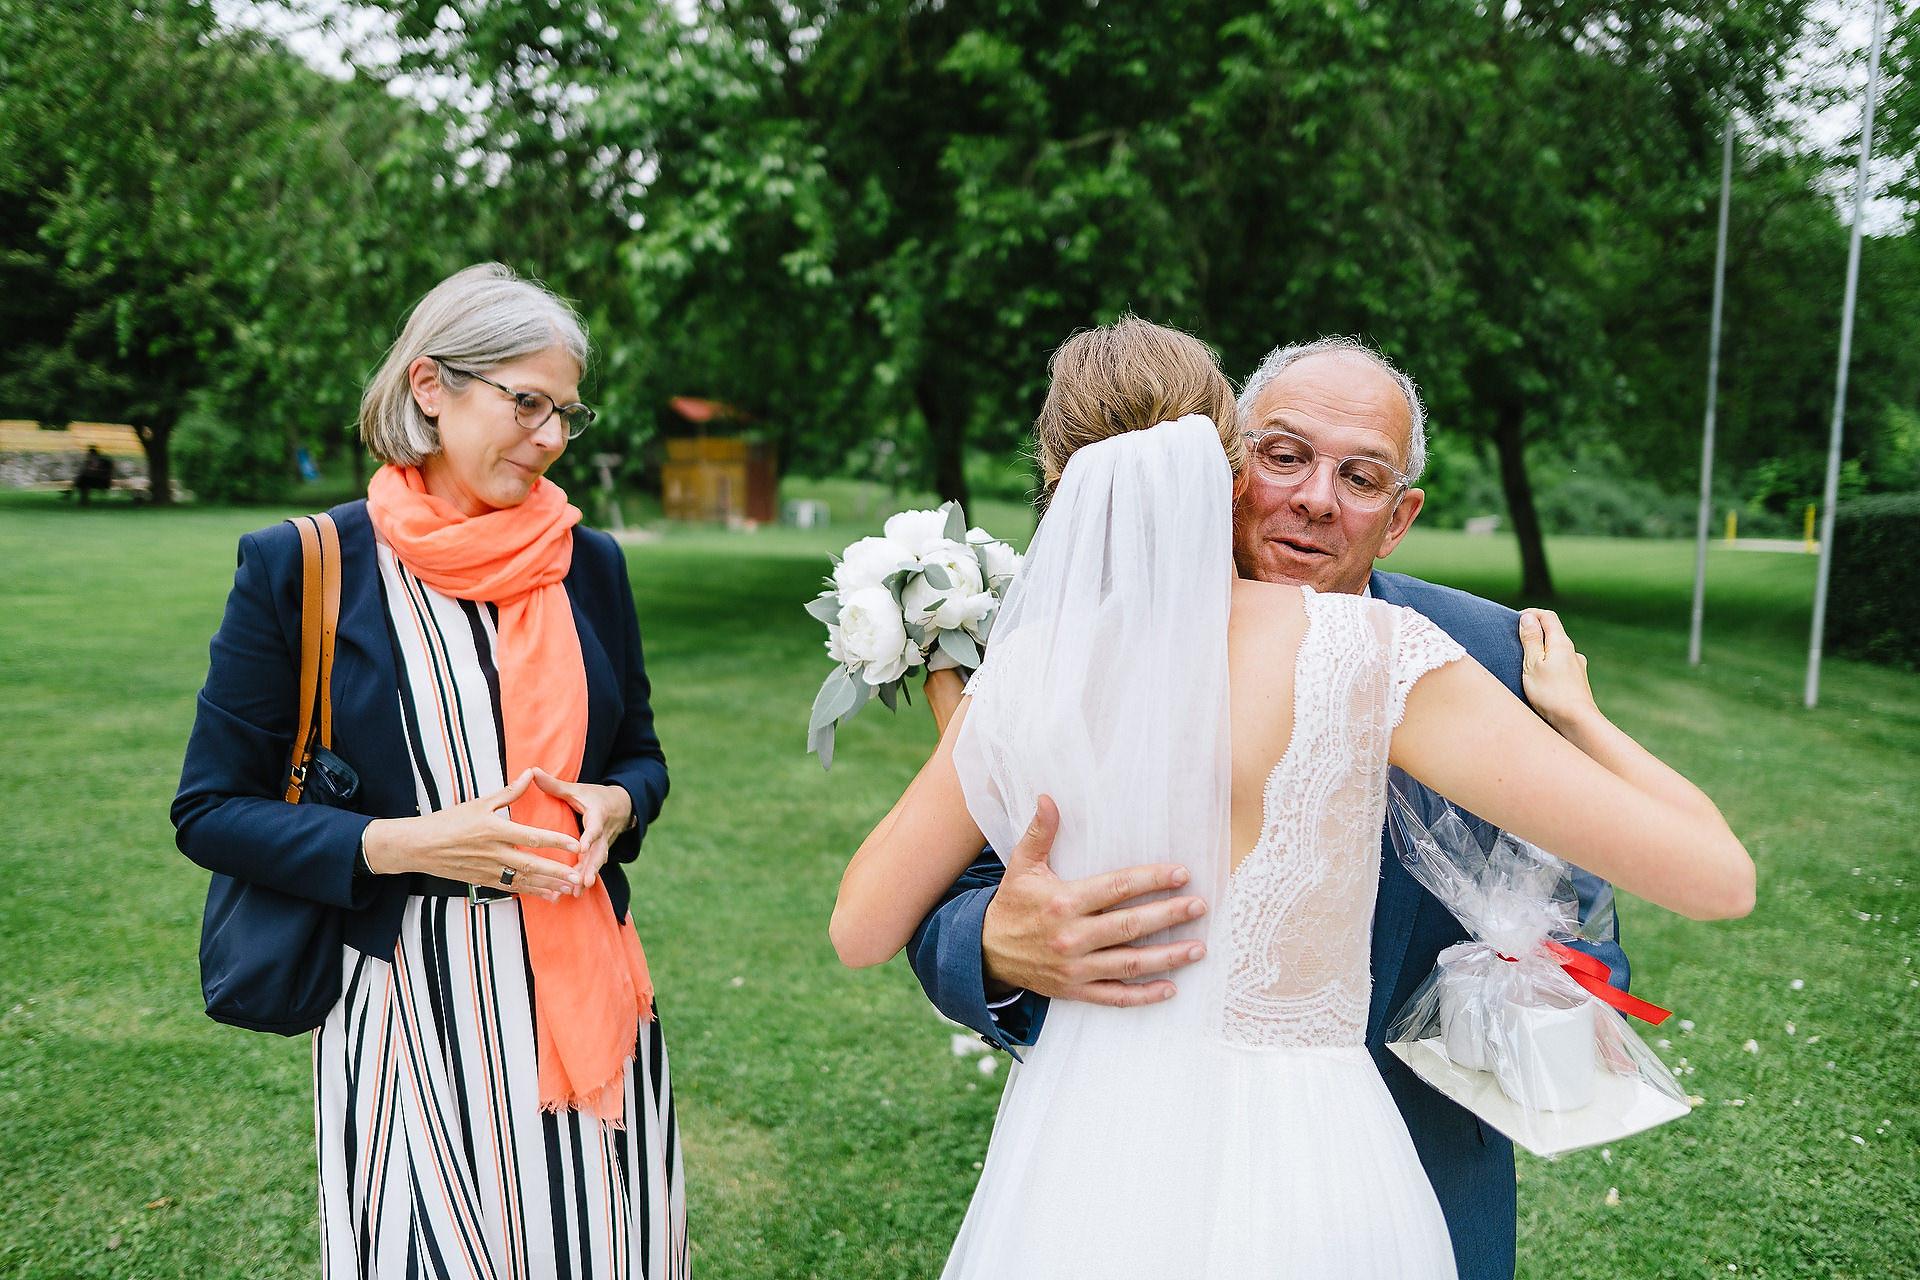 Fotograf Konstanz - Hochzeitsreportage Freiburg Hofgut Lilienhof Hochzeit Fotograf Konstanz 42 - Wedding in Freiburg and Hofgut Lilienhof  - 141 -